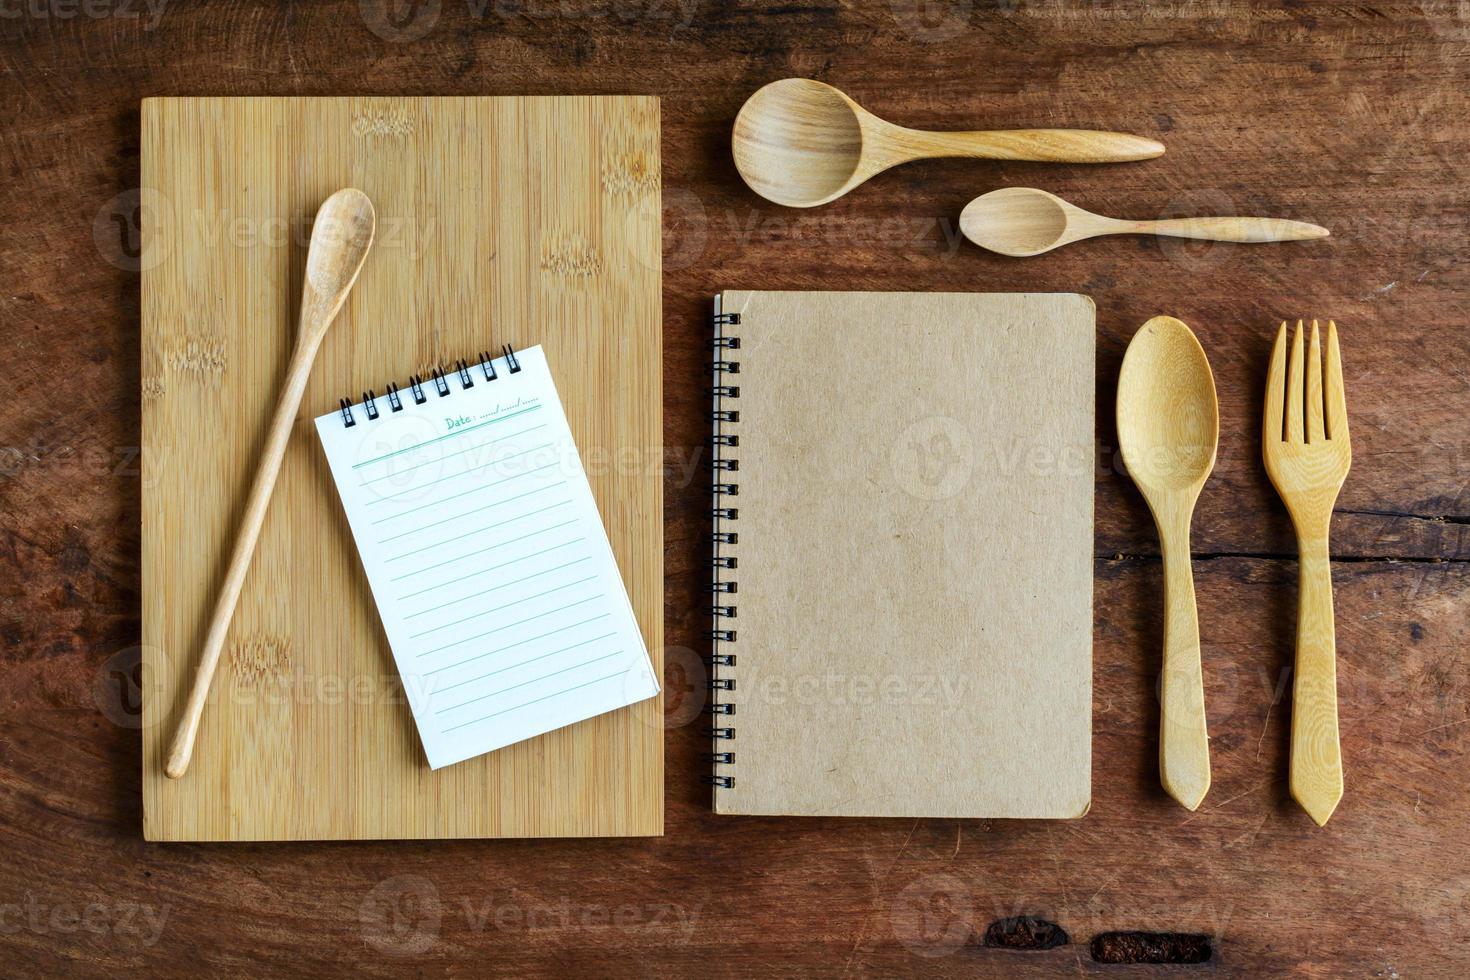 cahier et ustensile en bois sur vieux bois photo